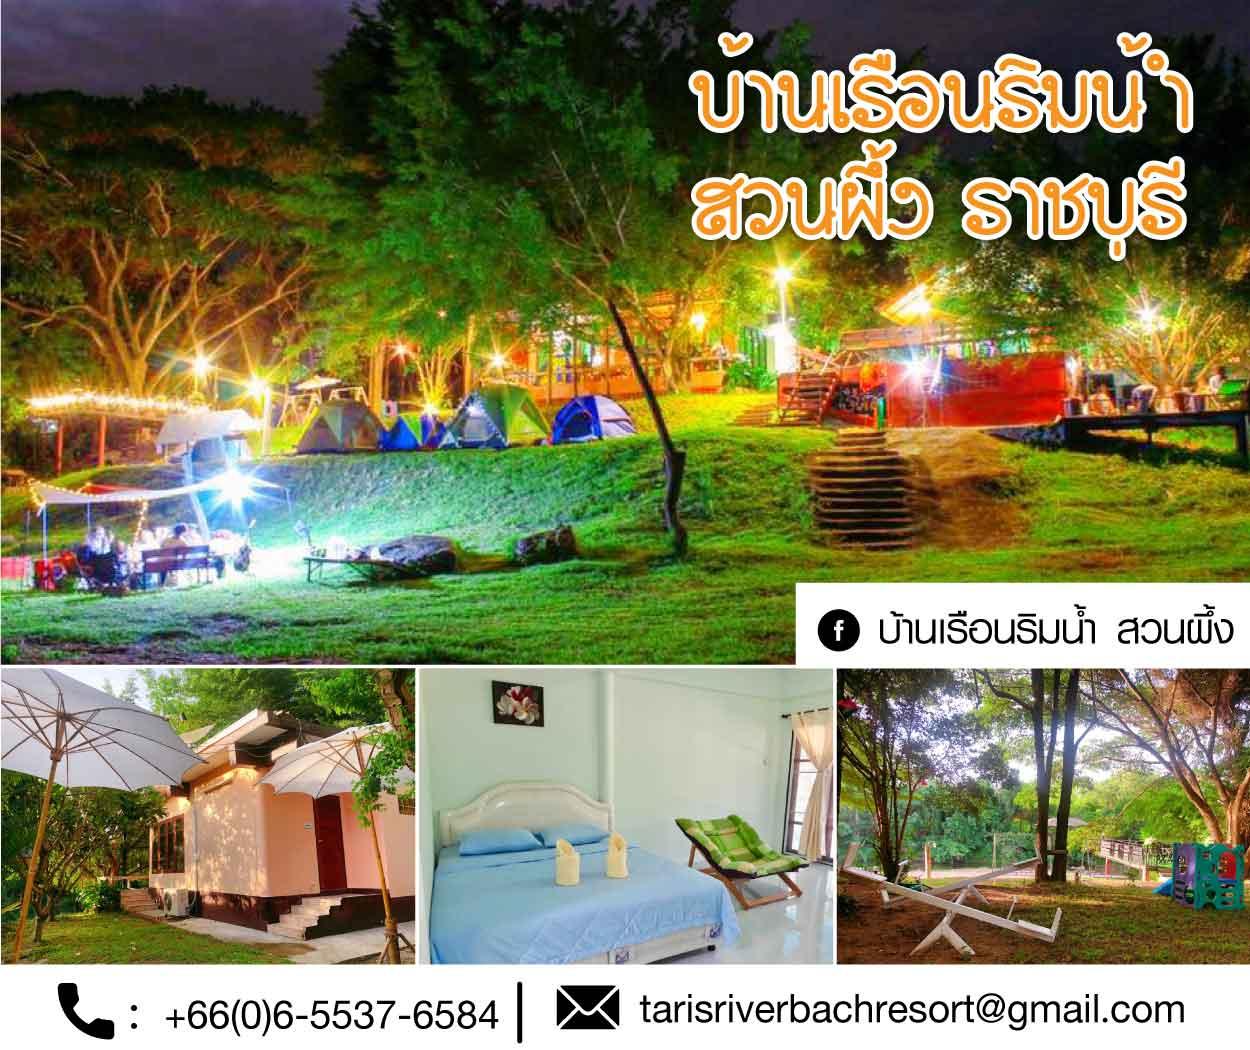 บ้านเรือนริมน้ำสวนผึ้งราชบุรี